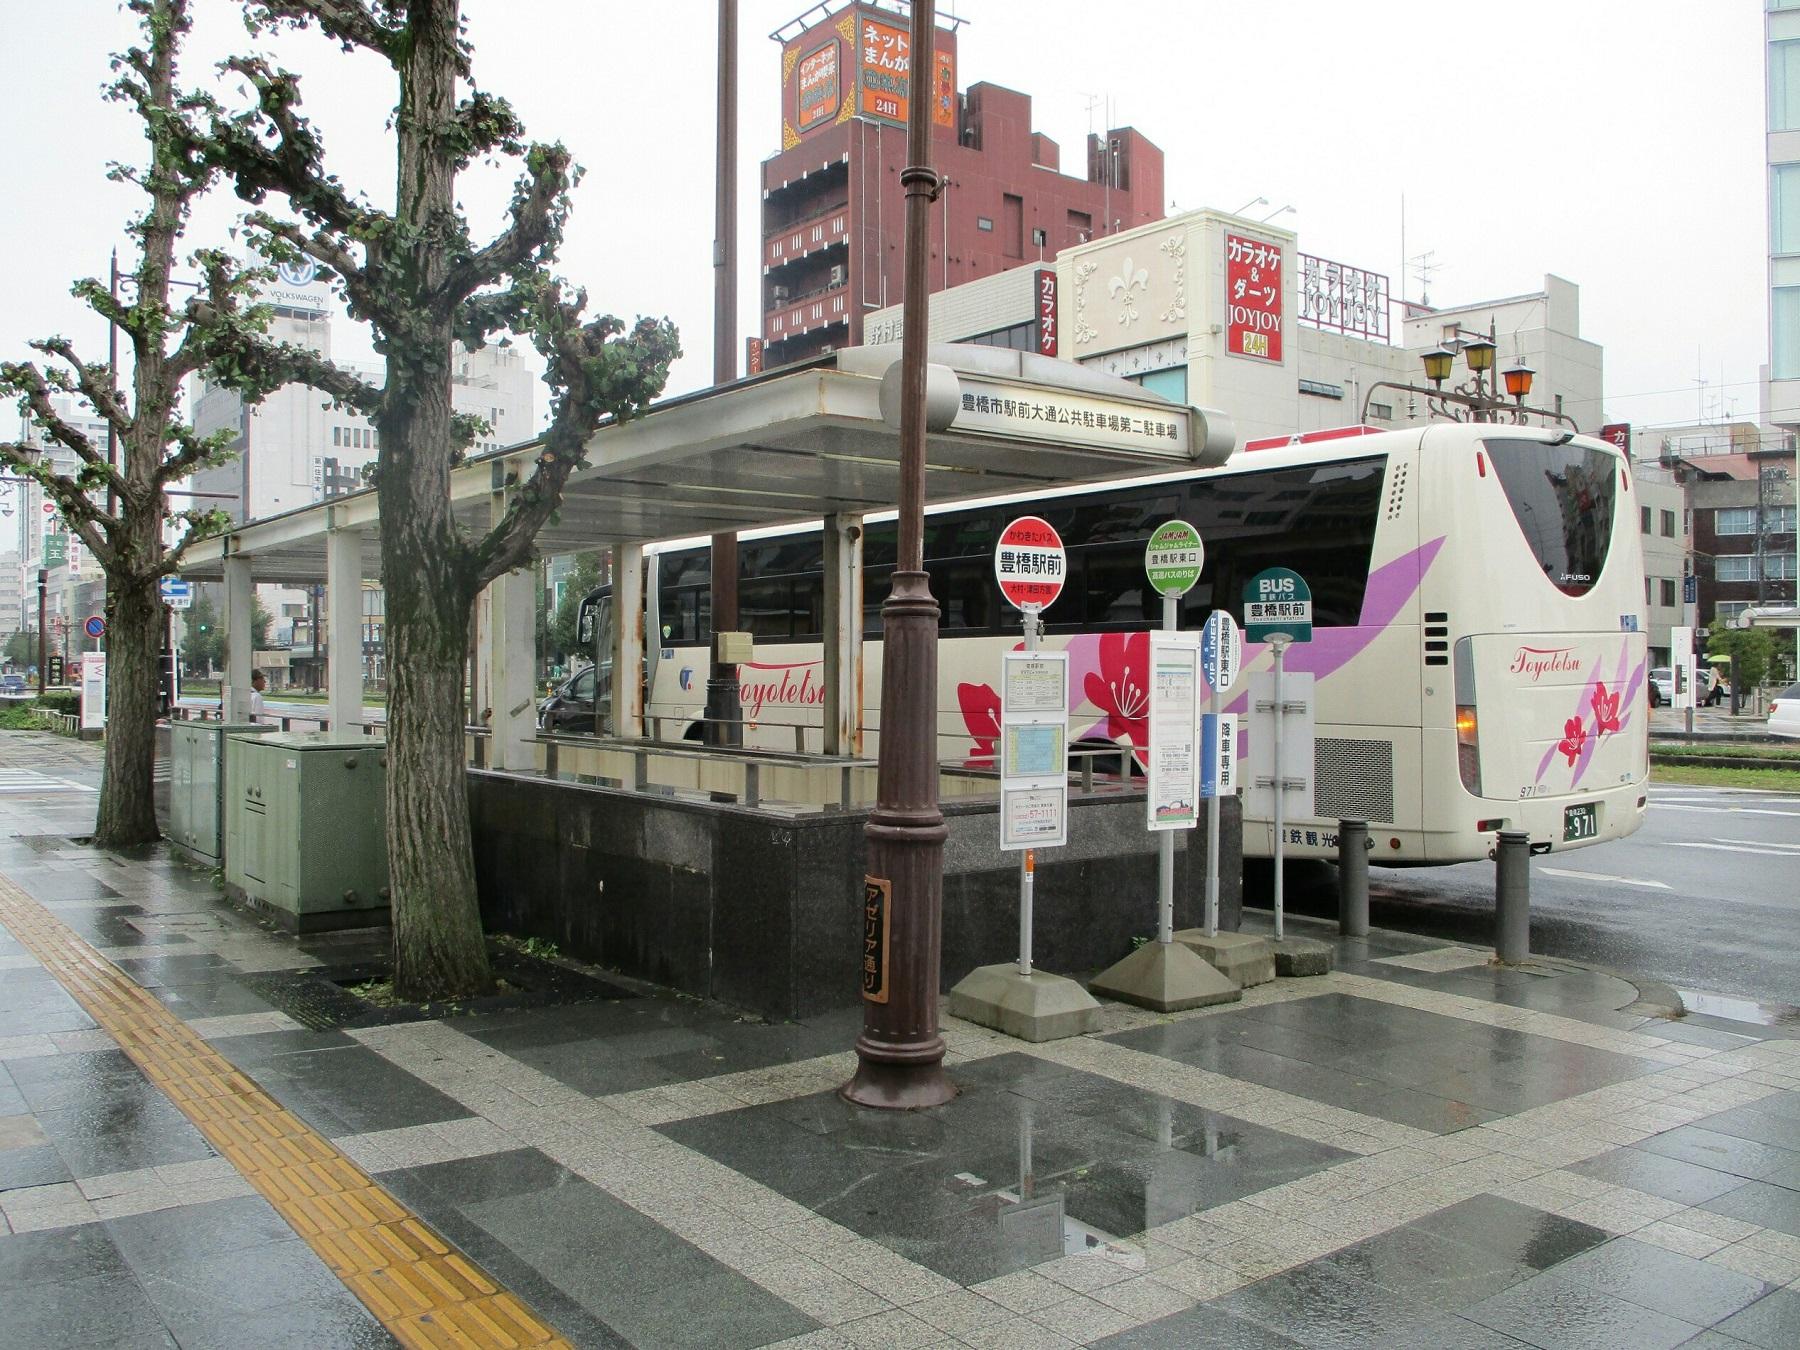 2018.9.20 (12) 豊橋信用金庫まえ - 豊鉄バス 1800-1350